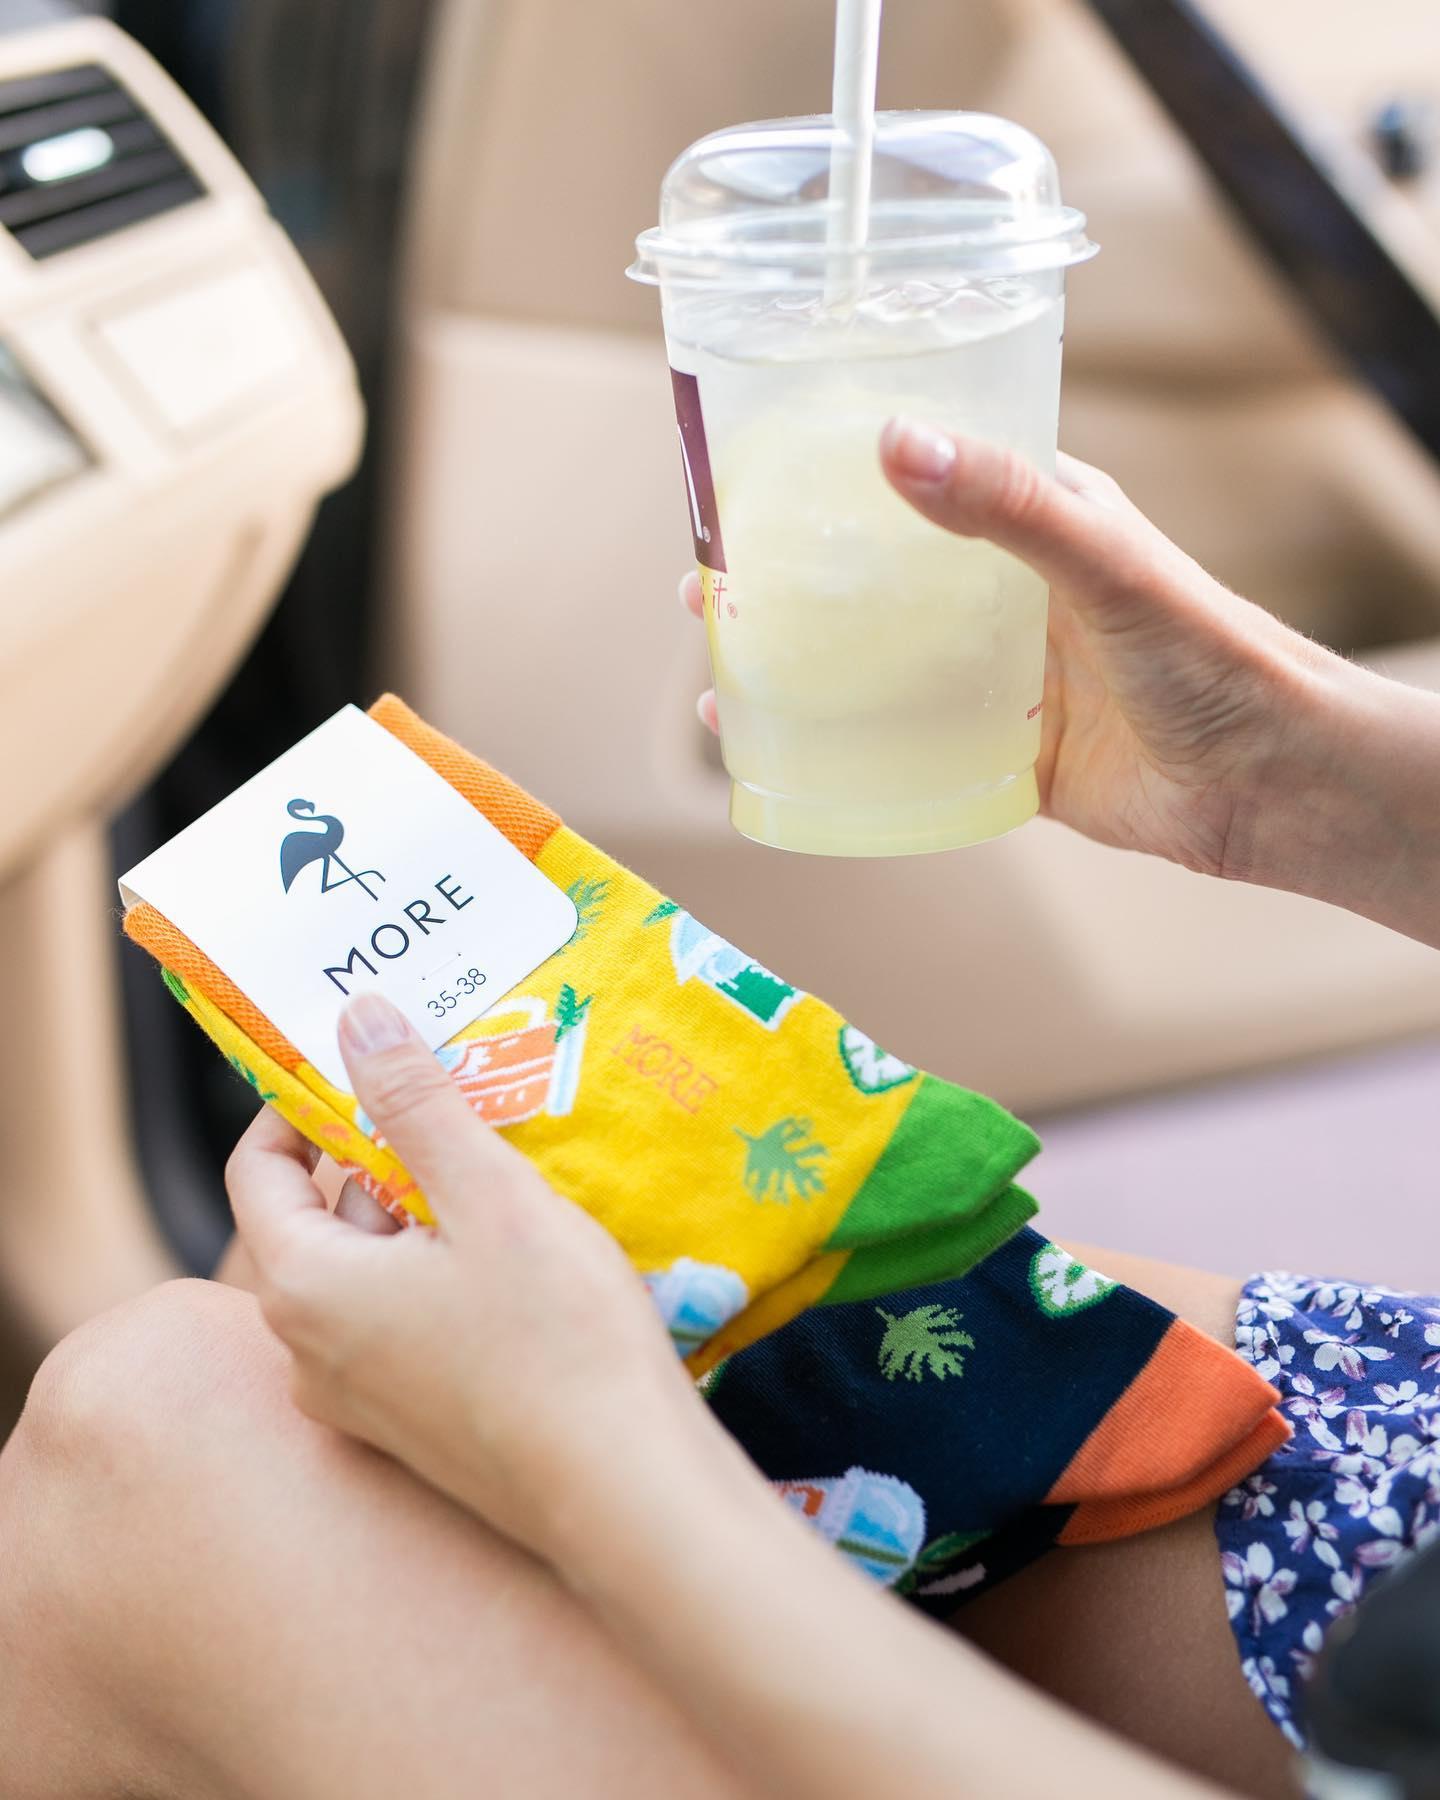 Czerwony, zielony, pomarańczowy czy żółty? Jaki jest Twój ulubiony kolor soku? Jeśli wyciskasz go osobiście i pijesz rankiem (polecamy, samo zdrowie!), proponujemy, by do soku dobrać jeszcze kolor skarpetek🥤 . . . . #socks #socksgirl #moresocks #juice #orange #mornings #poranek #zdrowoikolorowo #koloroweskarpetki #mismatchedsocks #mismatch #niedopary #more #flaming #weekendvibes